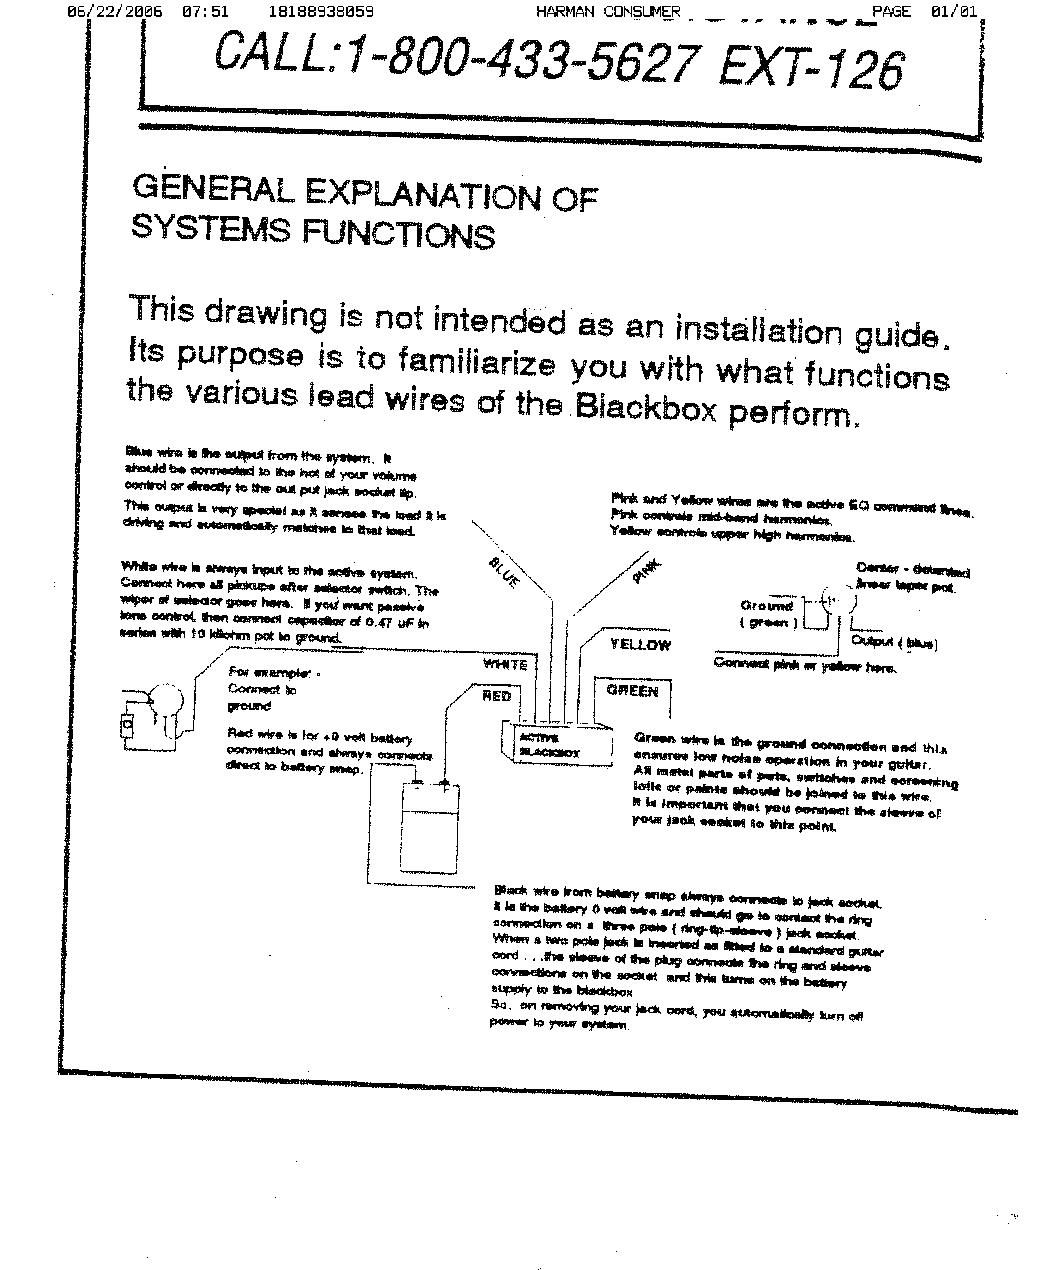 jackson pickups wiring product wiring diagrams u2022 rh genesisventures us Dodge Pickup Wiring Diagram Bass Guitar Pickup Wiring Diagram Two